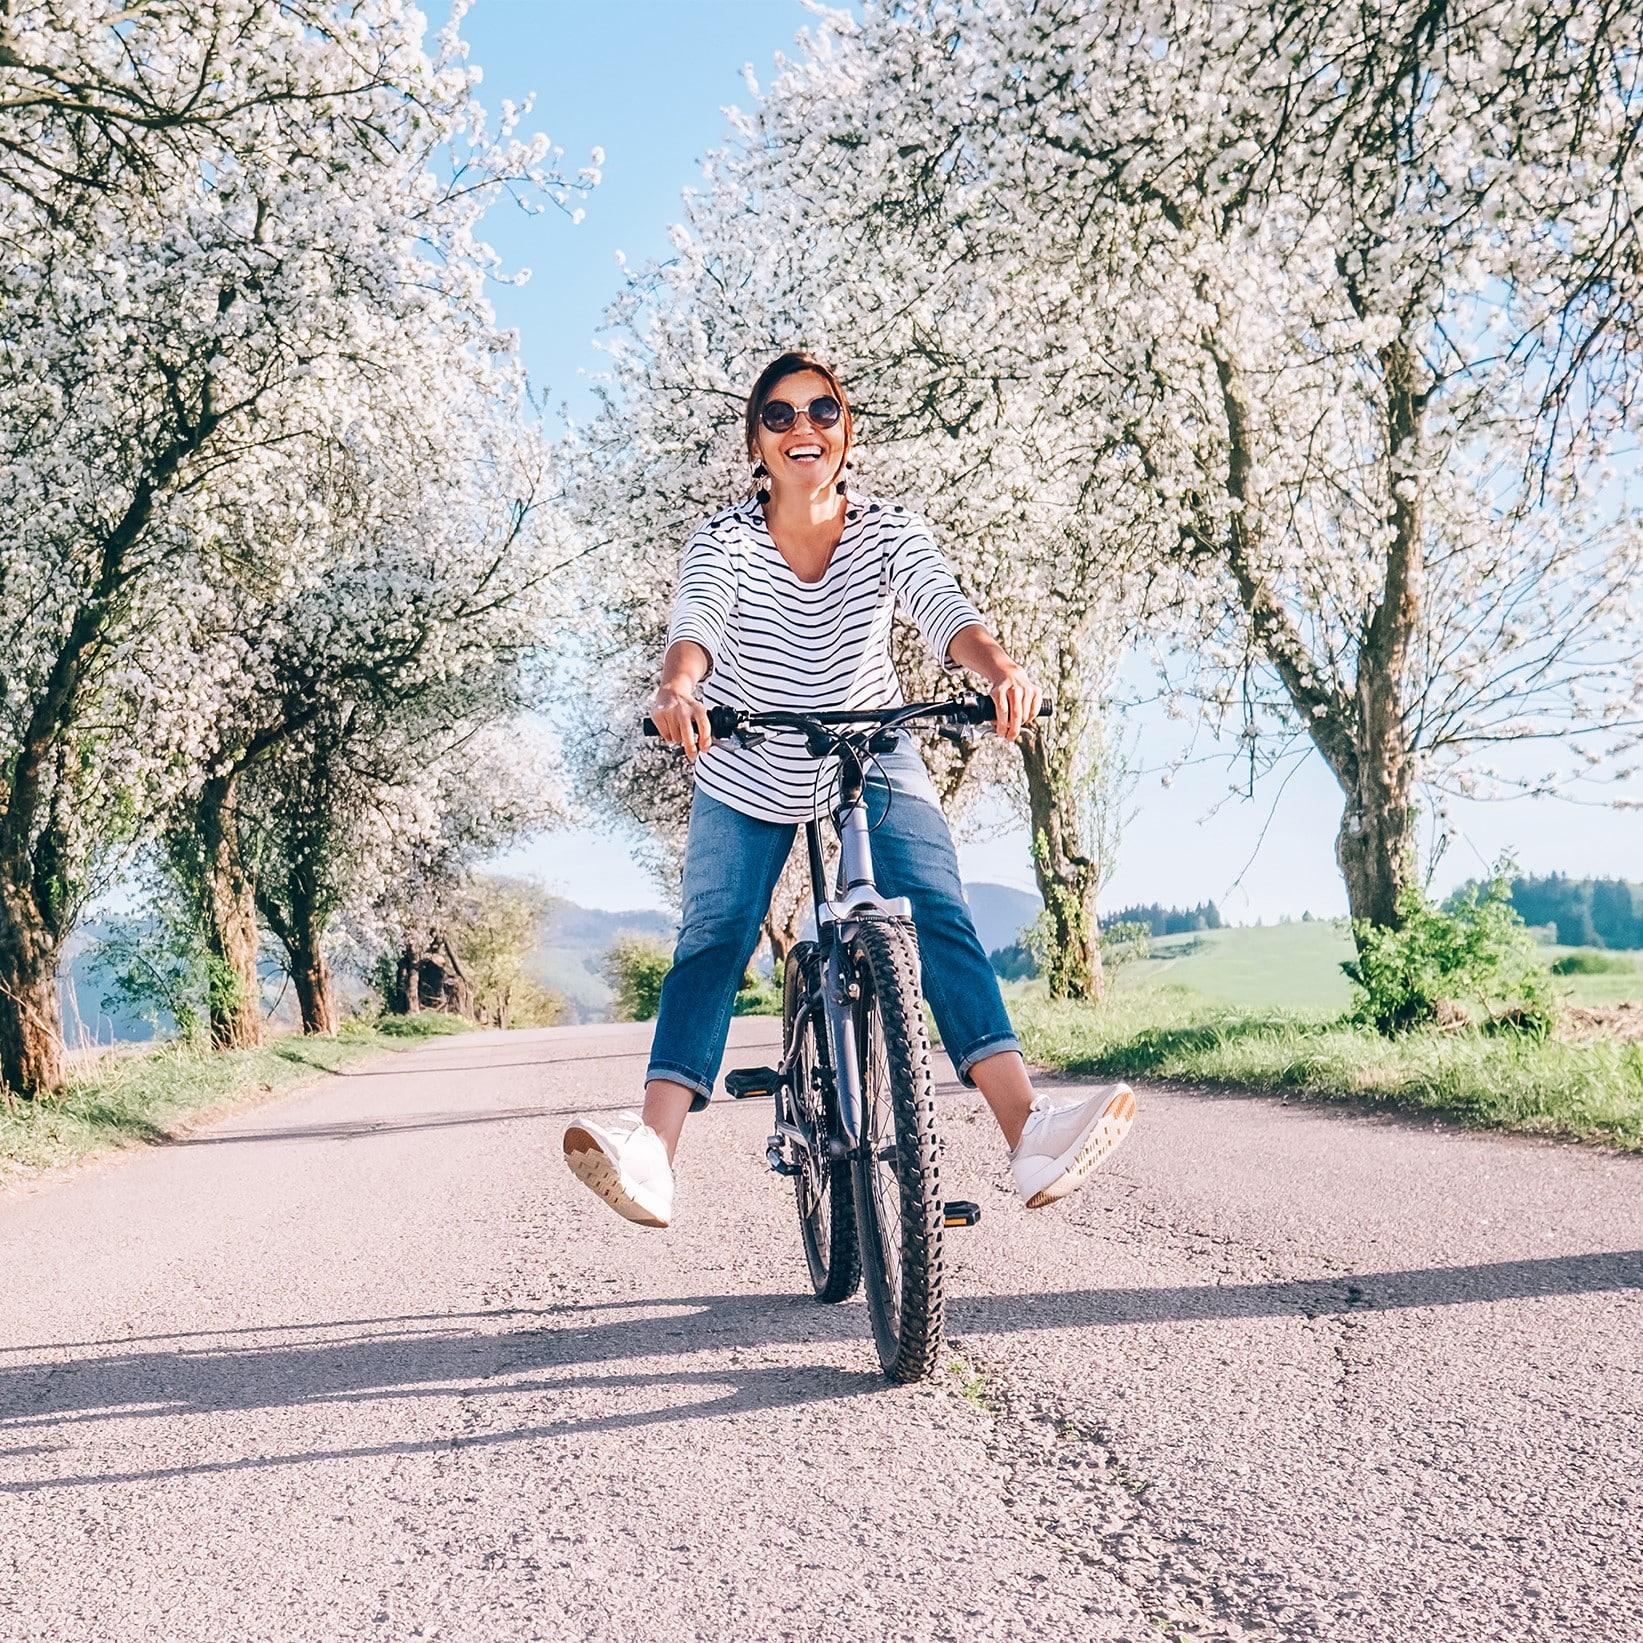 Mehr Bewegung fördert die Gesundheit, beugt Krankheiten vor - und macht Spaß!